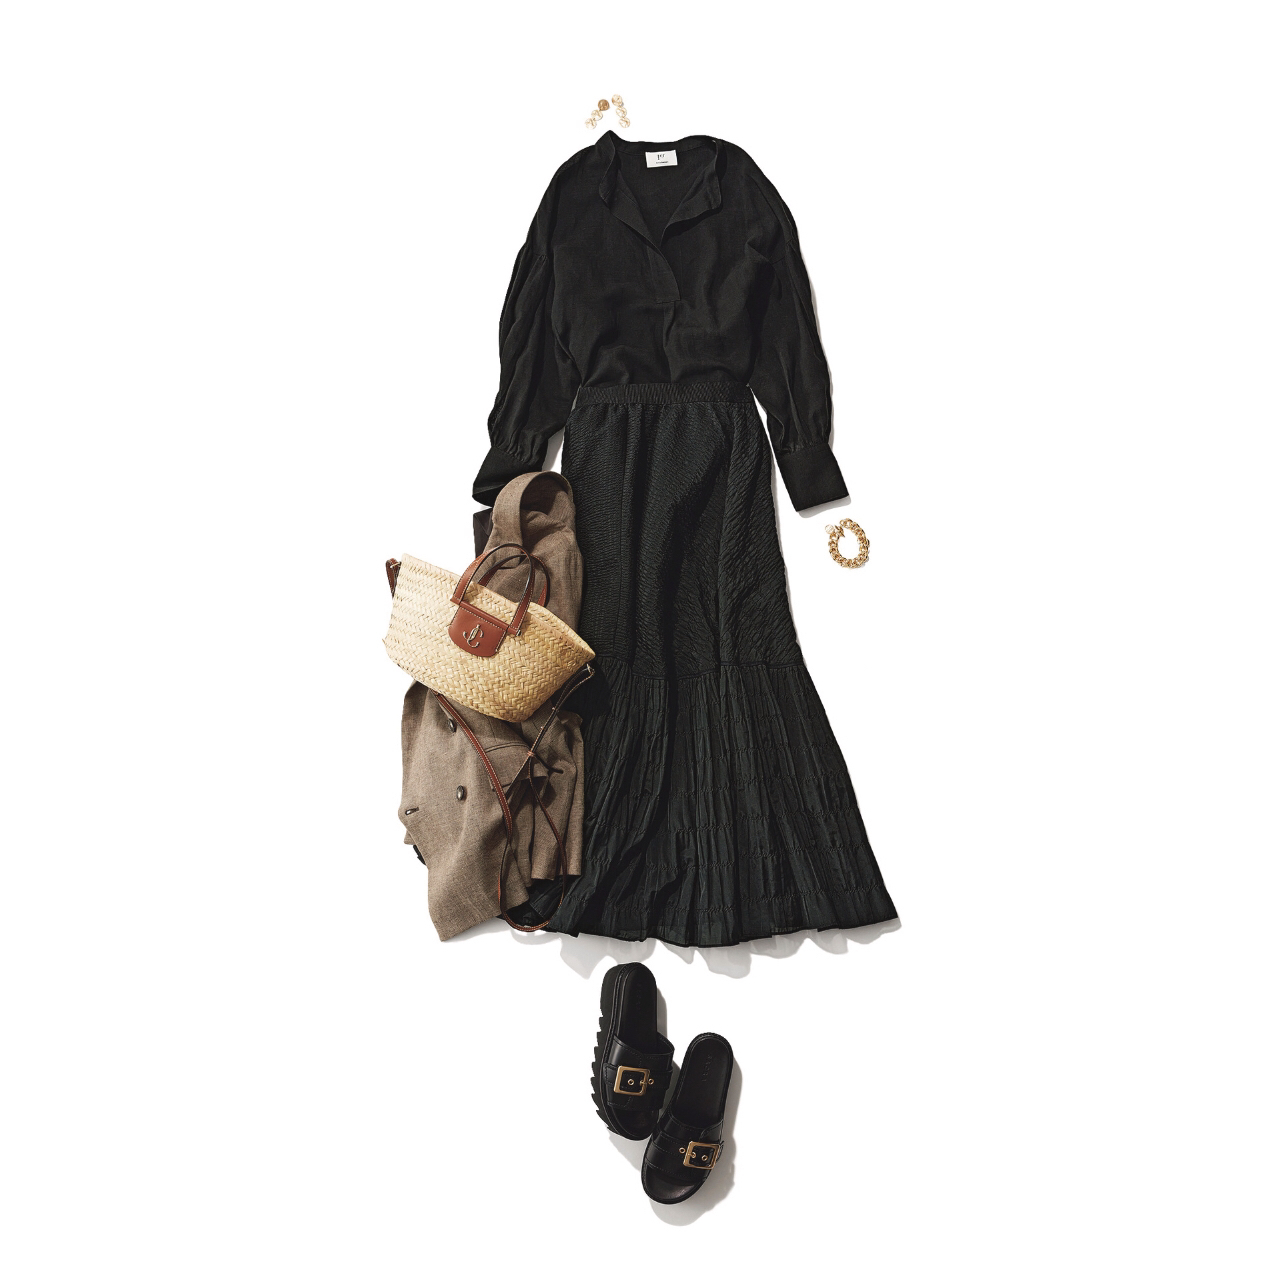 【真夏こそ映える黒コーデ】重たく見えず、シックに決まるアラフォーの黒コーデまとめ|40代ファッション_1_6